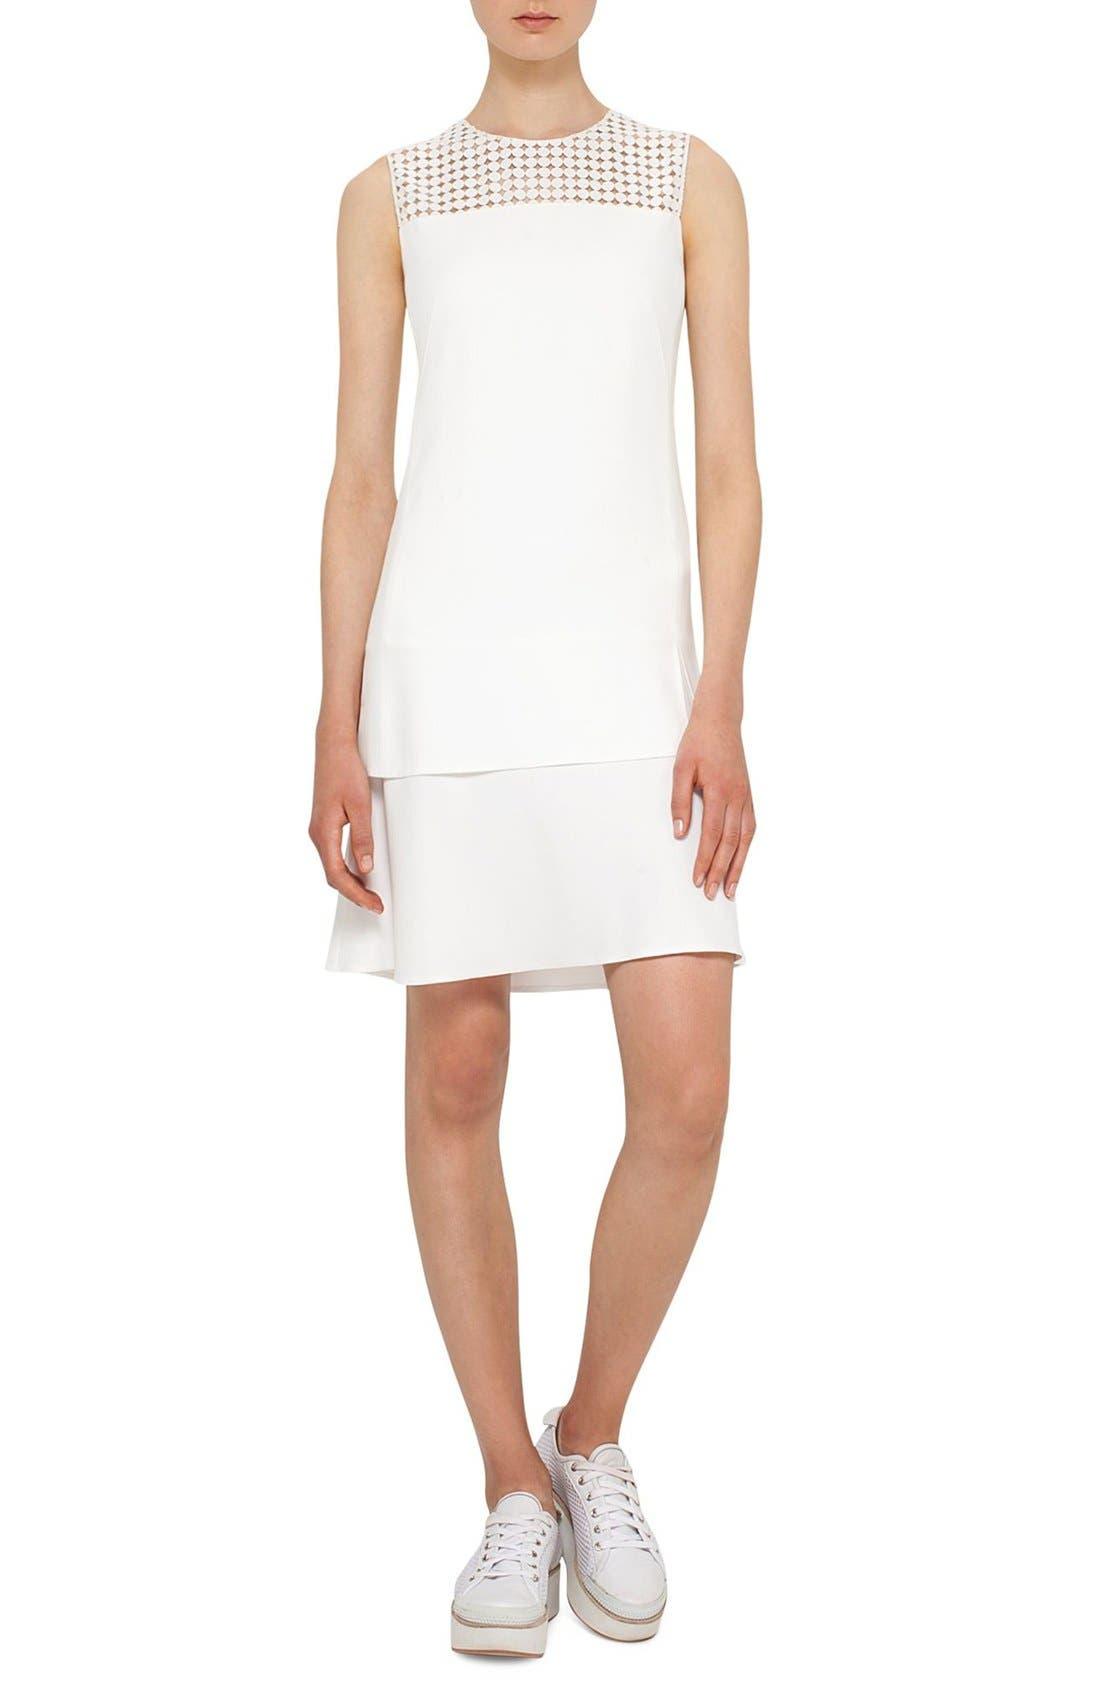 AKRIS PUNTO Cutout Dot Dress